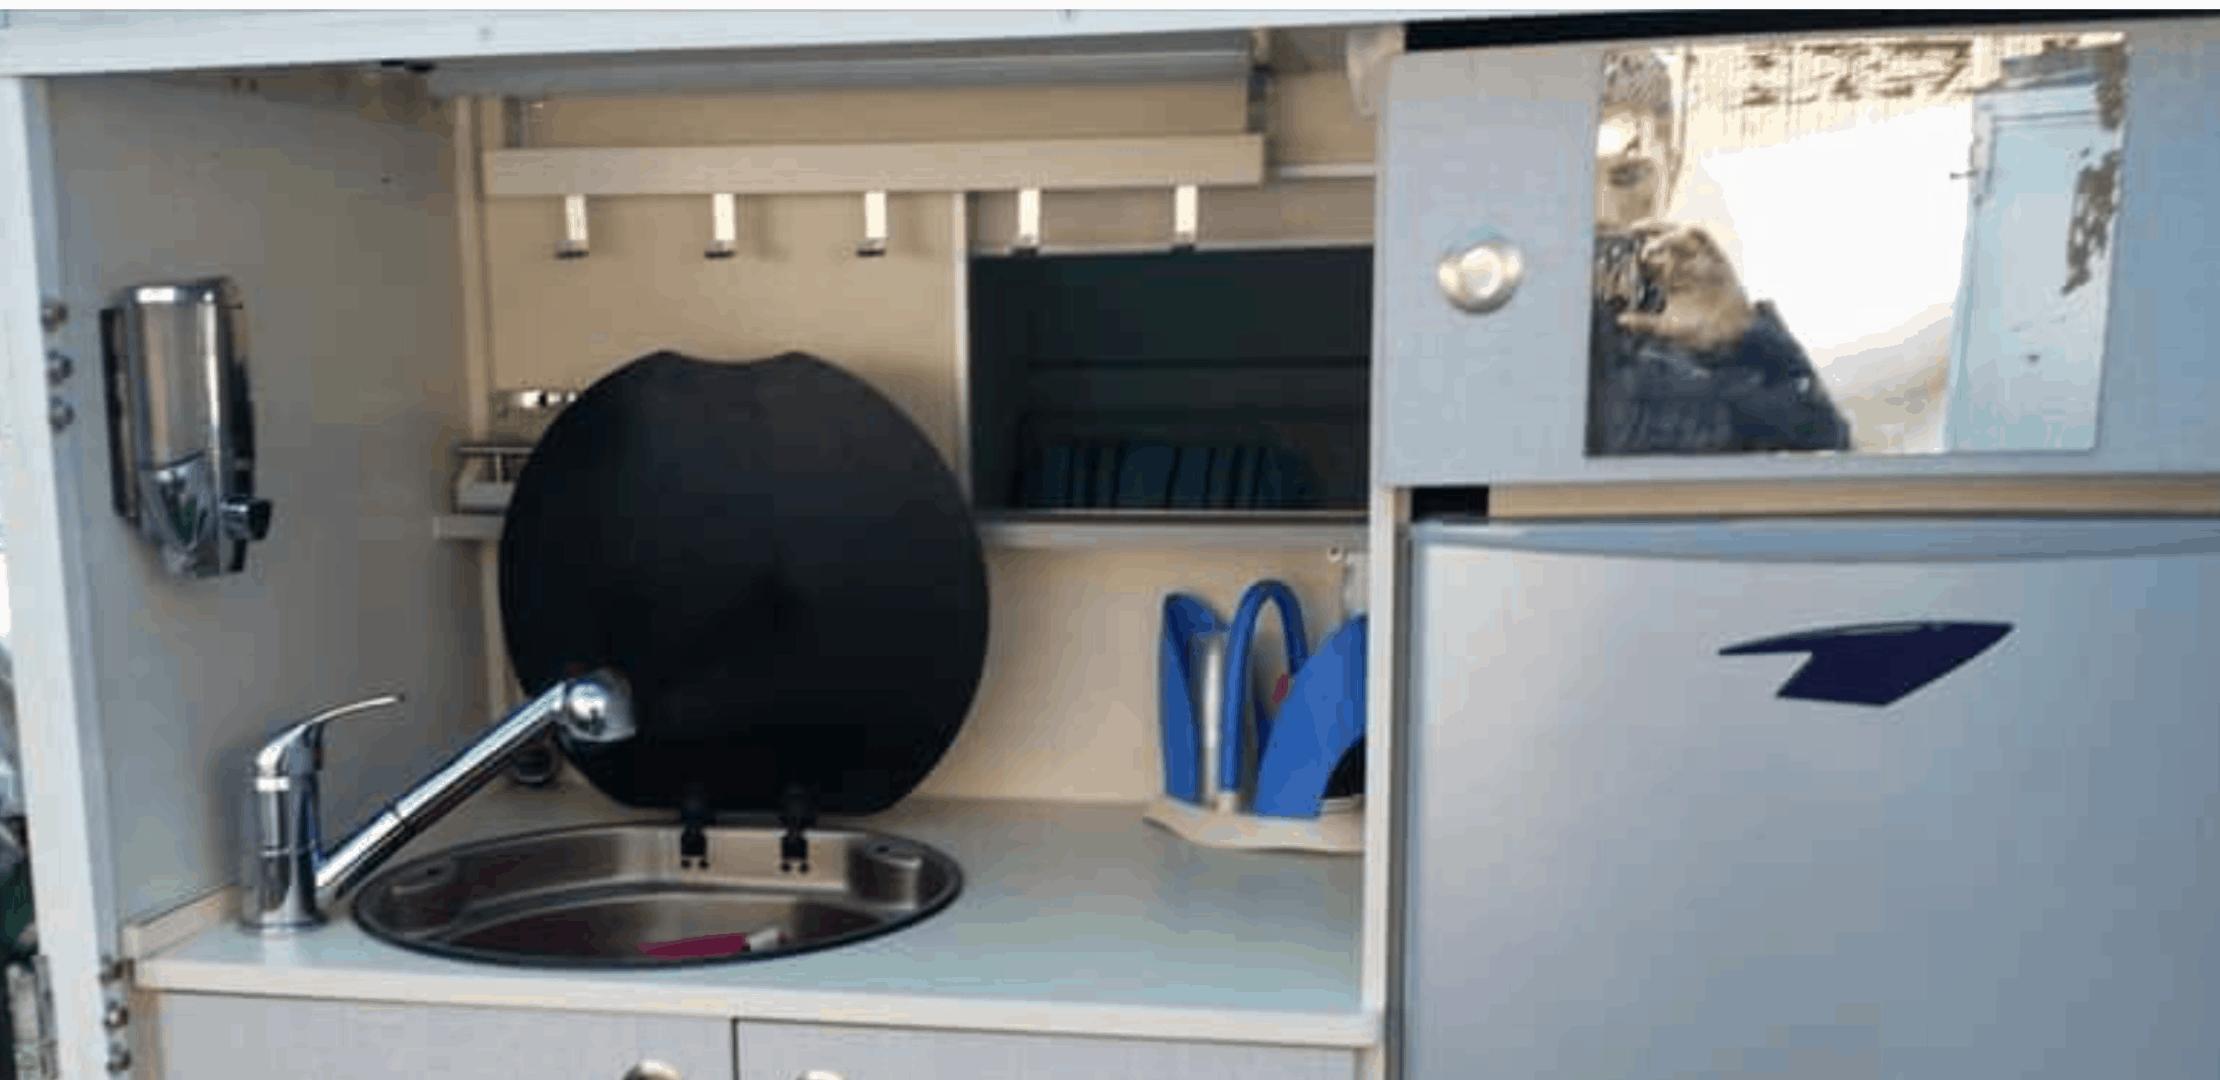 מטבח קרוואן דגם קריסטו – קריספין קרוואנס